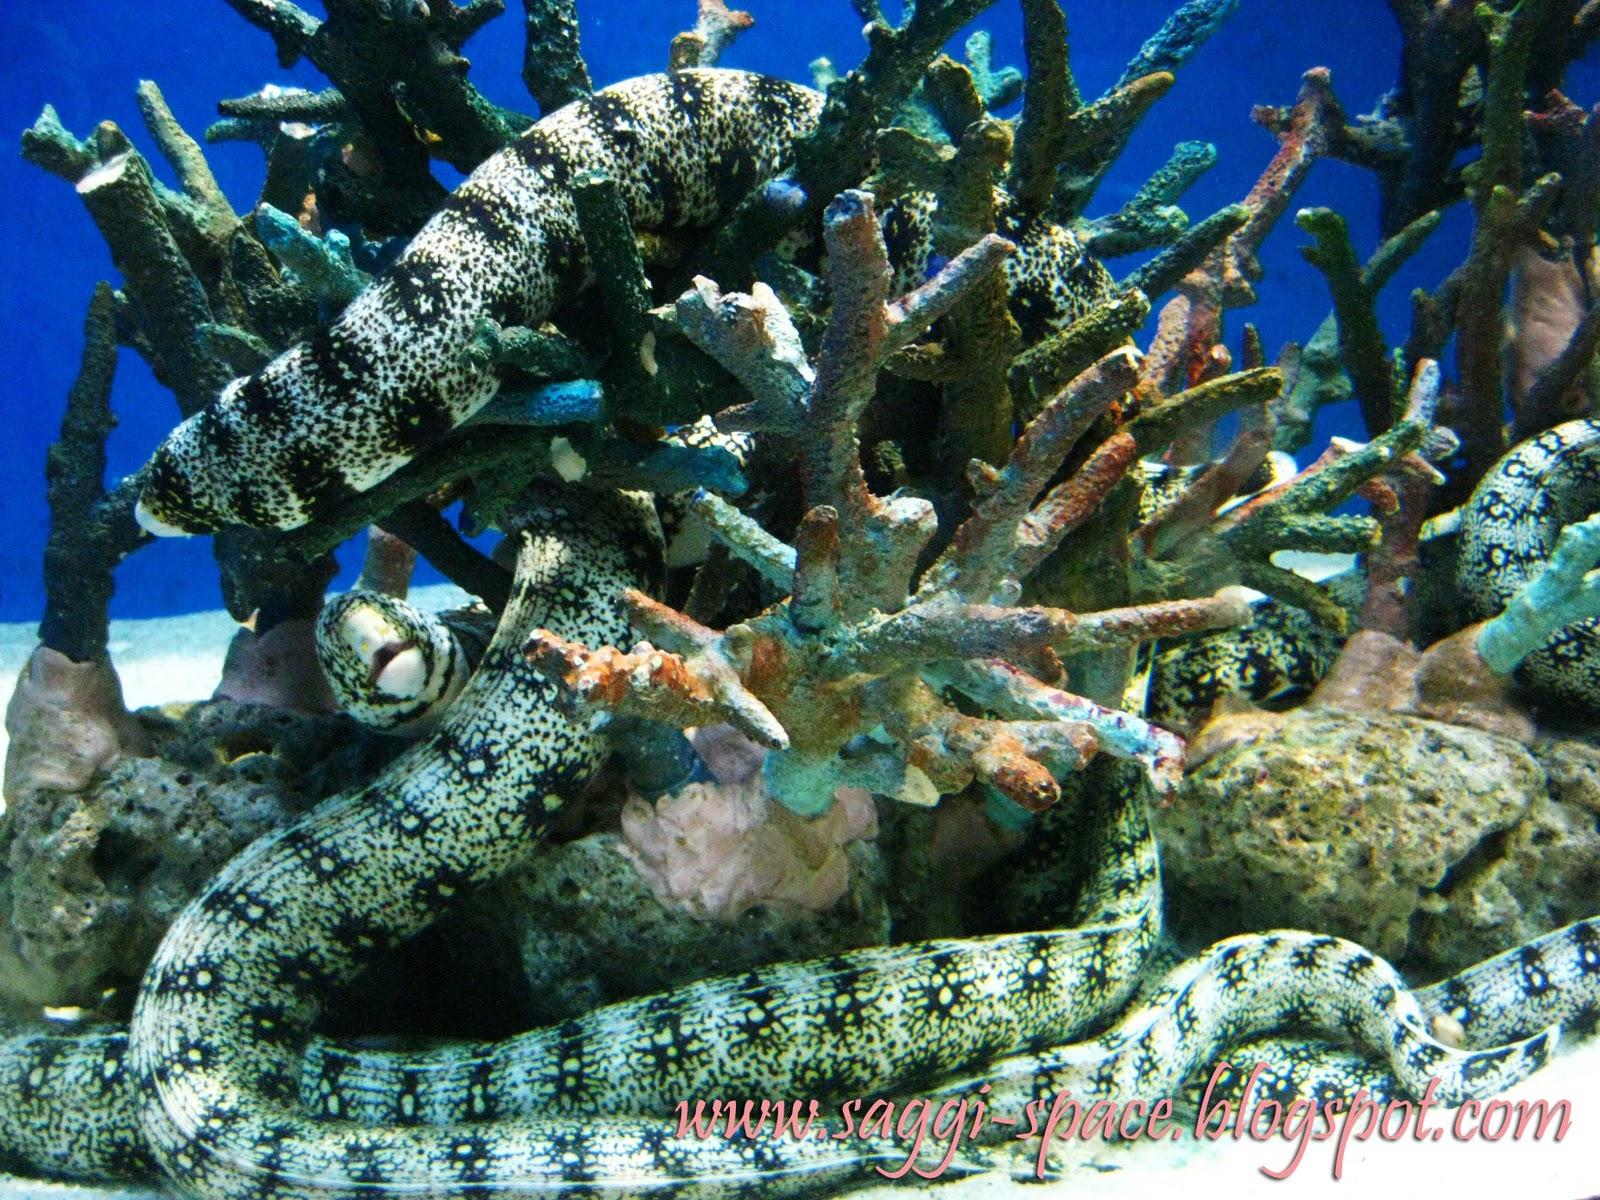 snowflake moray eel or igat